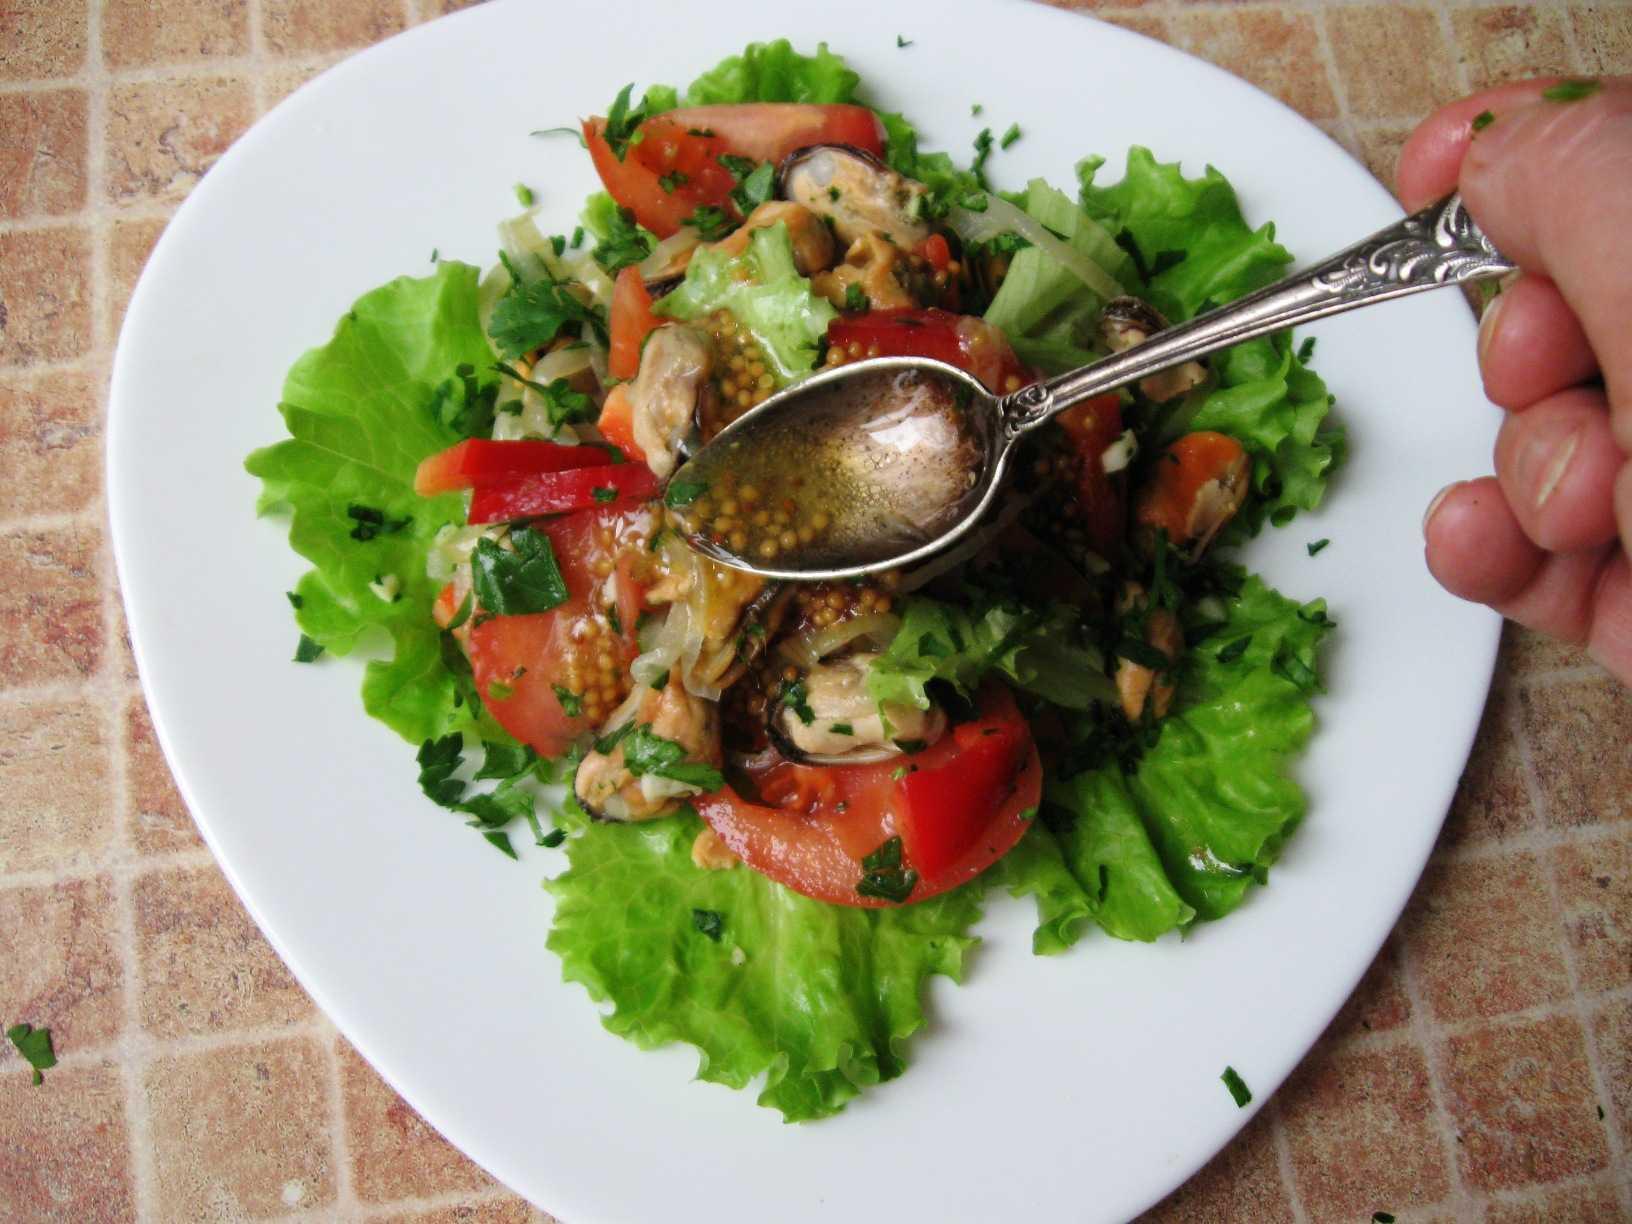 Салат в виде мандарина рецепт с фото - 1000.menu